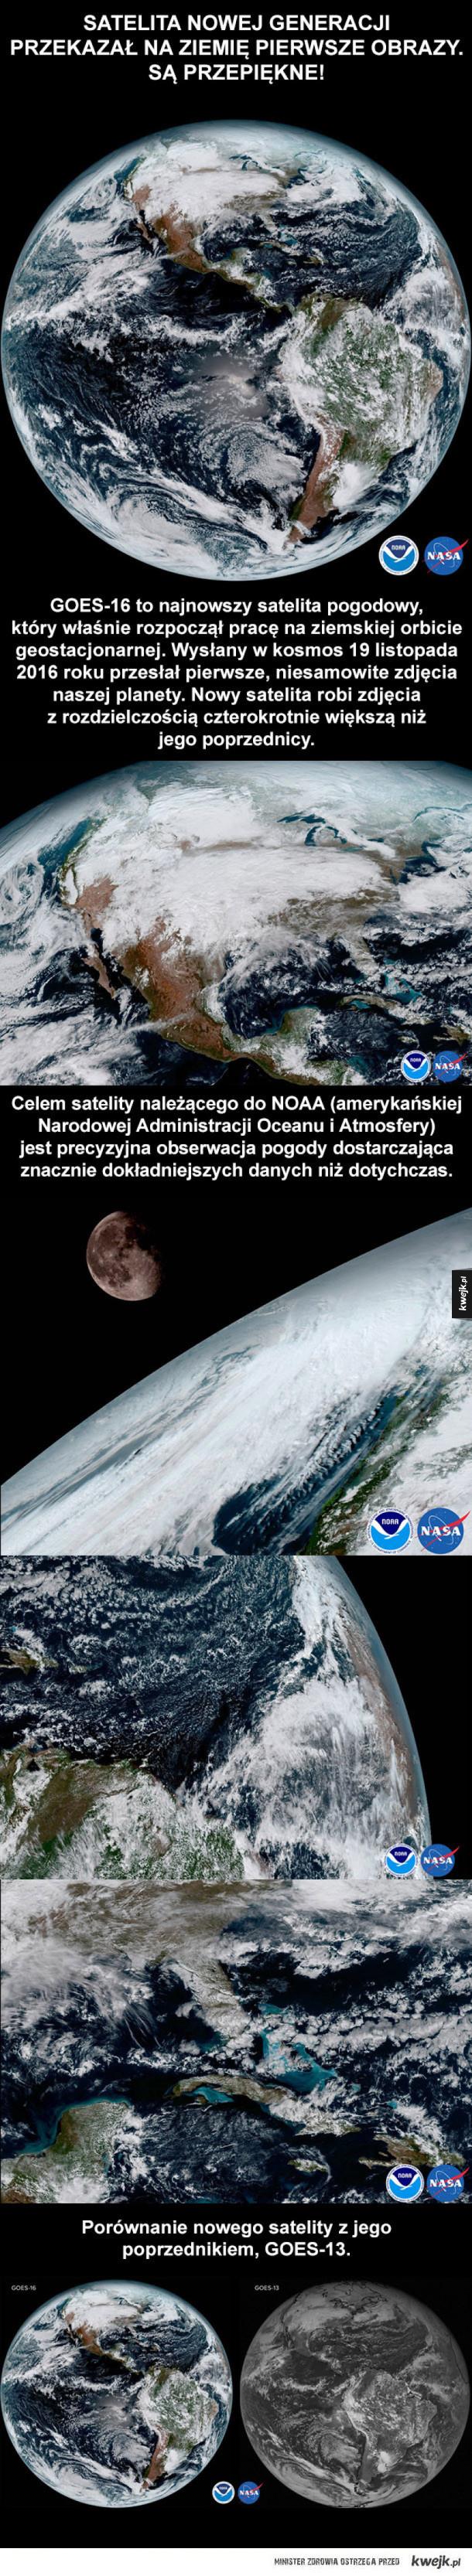 satelita nowej generacji